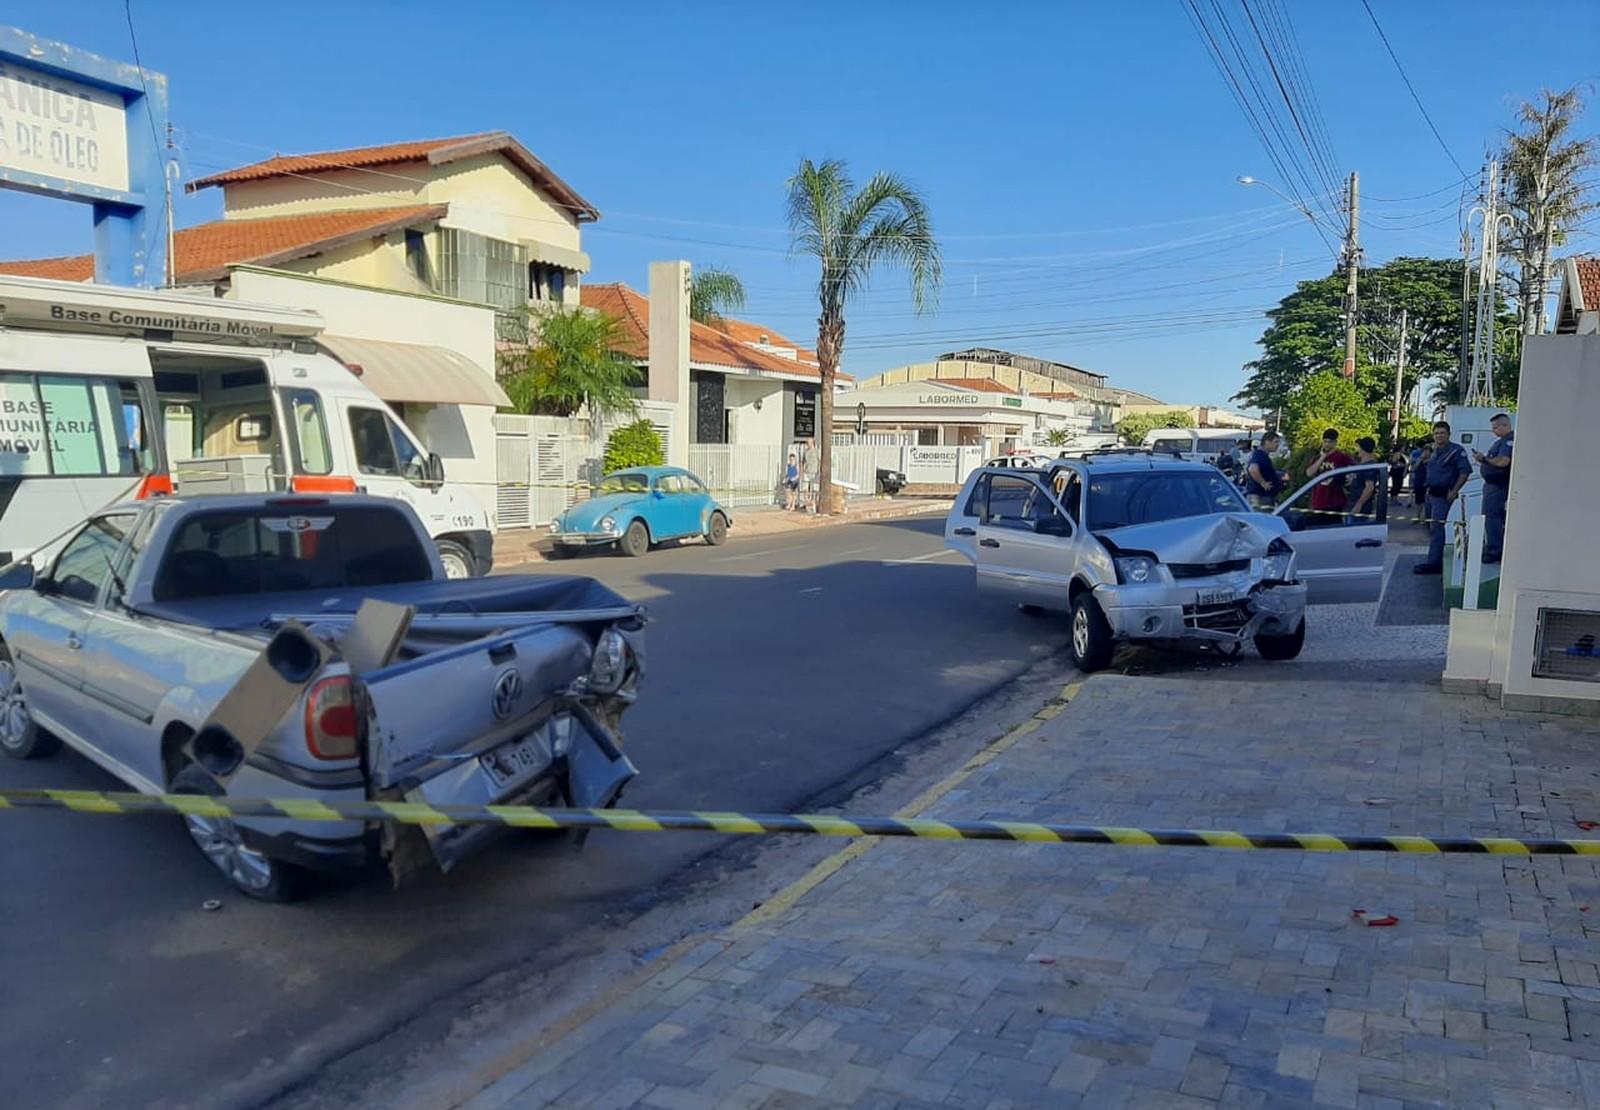 Motorista perde o controle e bate em quatro veículos estacionados em Tupã — Foto: Diego Pereira/Site Mais Tupã